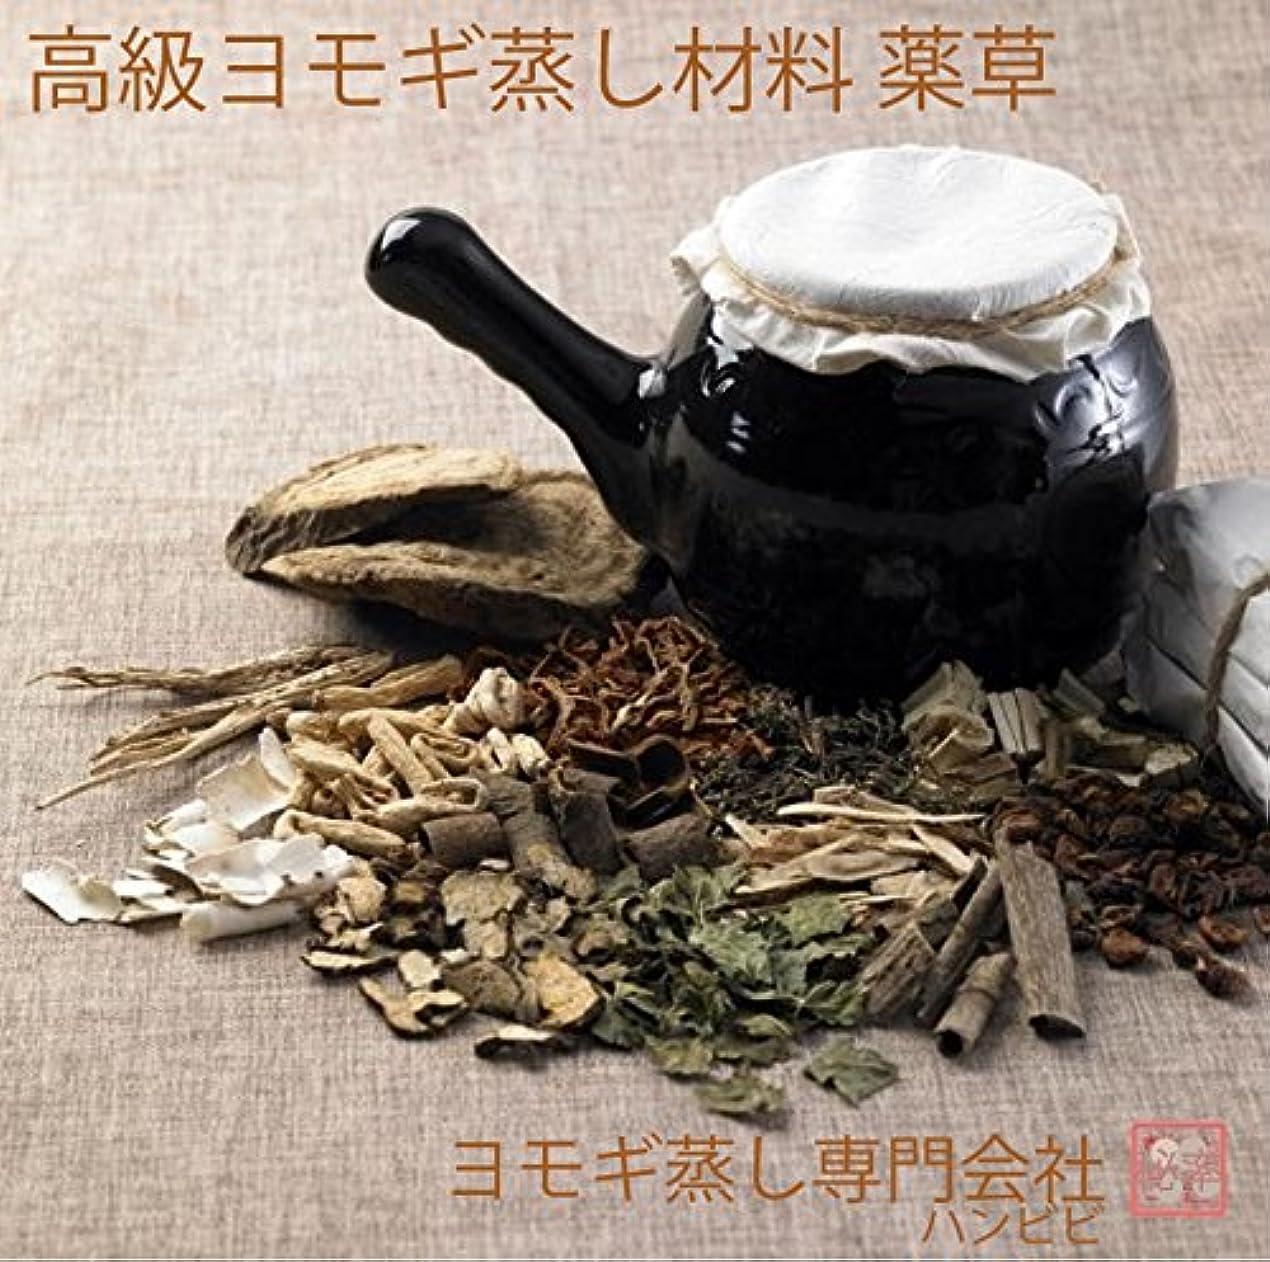 信頼性させるプロテスタント蒸しヨモギ薬草、、<美肌美容、ダイエット、婦人子宮健康兼用